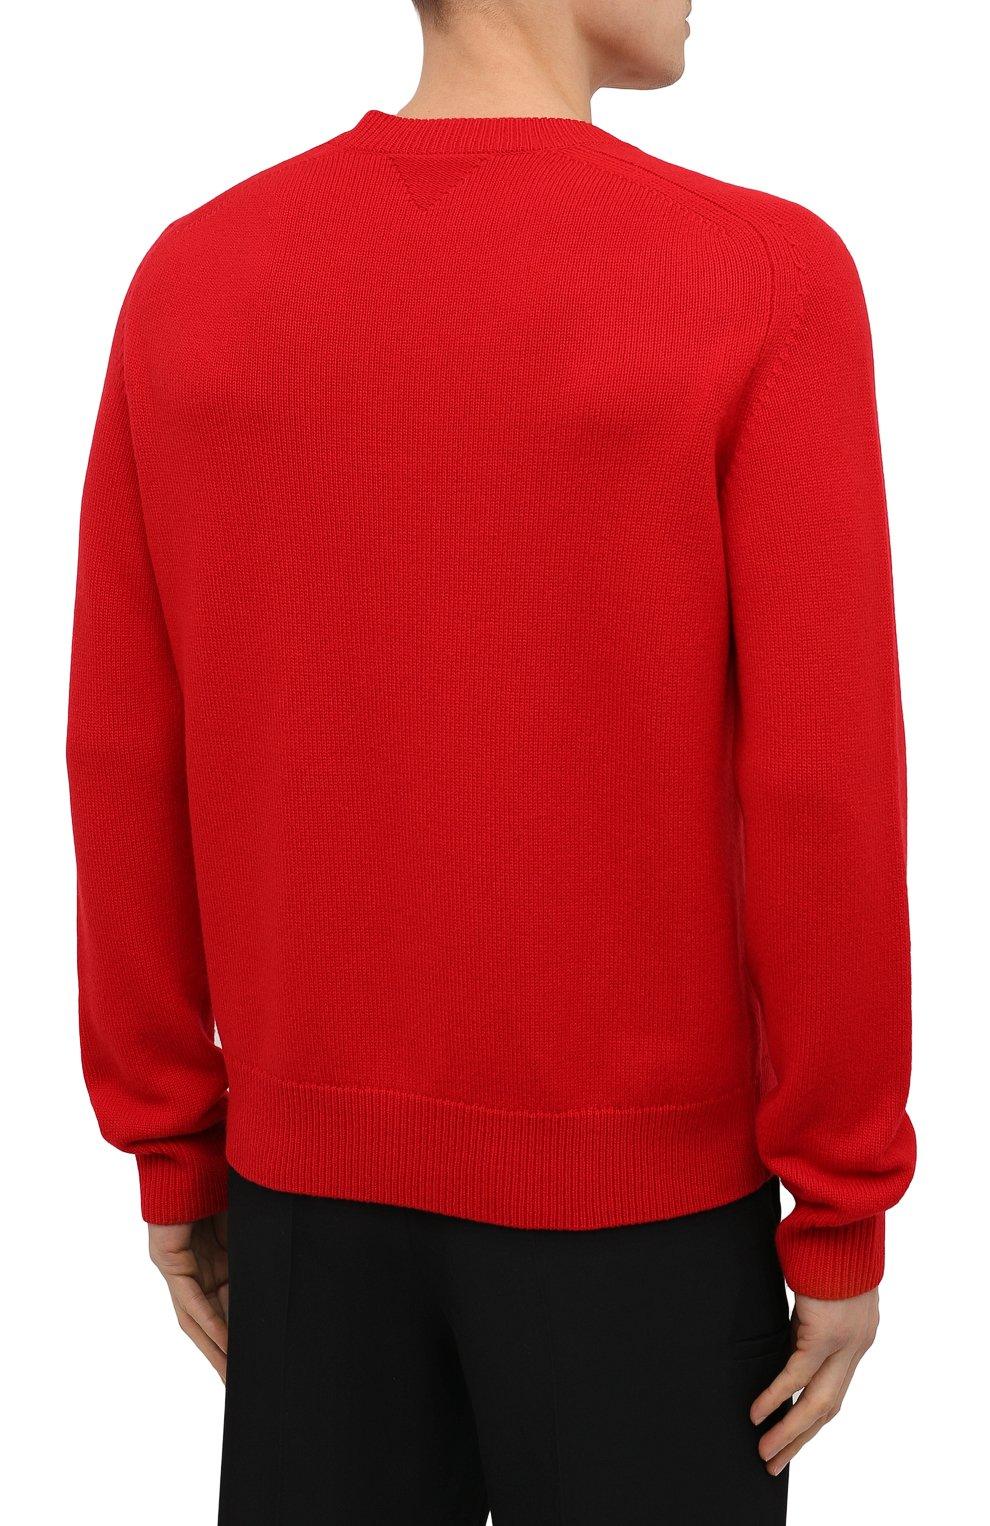 Мужской шерстяной свитер BOTTEGA VENETA красного цвета, арт. 648380/V0AM0   Фото 4 (Материал внешний: Шерсть; Рукава: Длинные; Принт: Без принта; Длина (для топов): Стандартные; Мужское Кросс-КТ: Свитер-одежда; Стили: Минимализм)